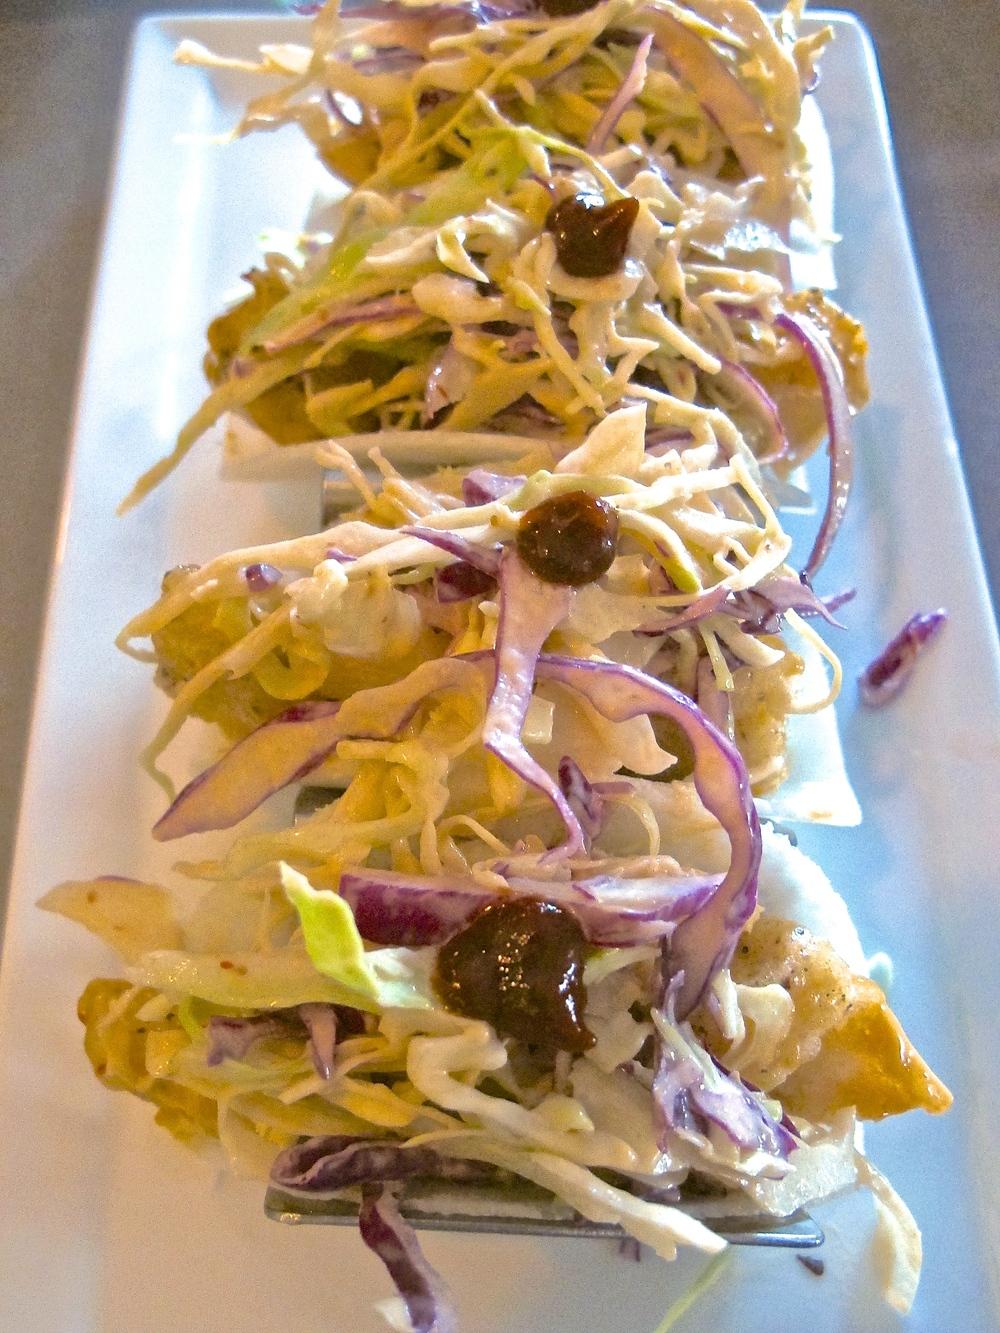 Fin jicama fish tacos